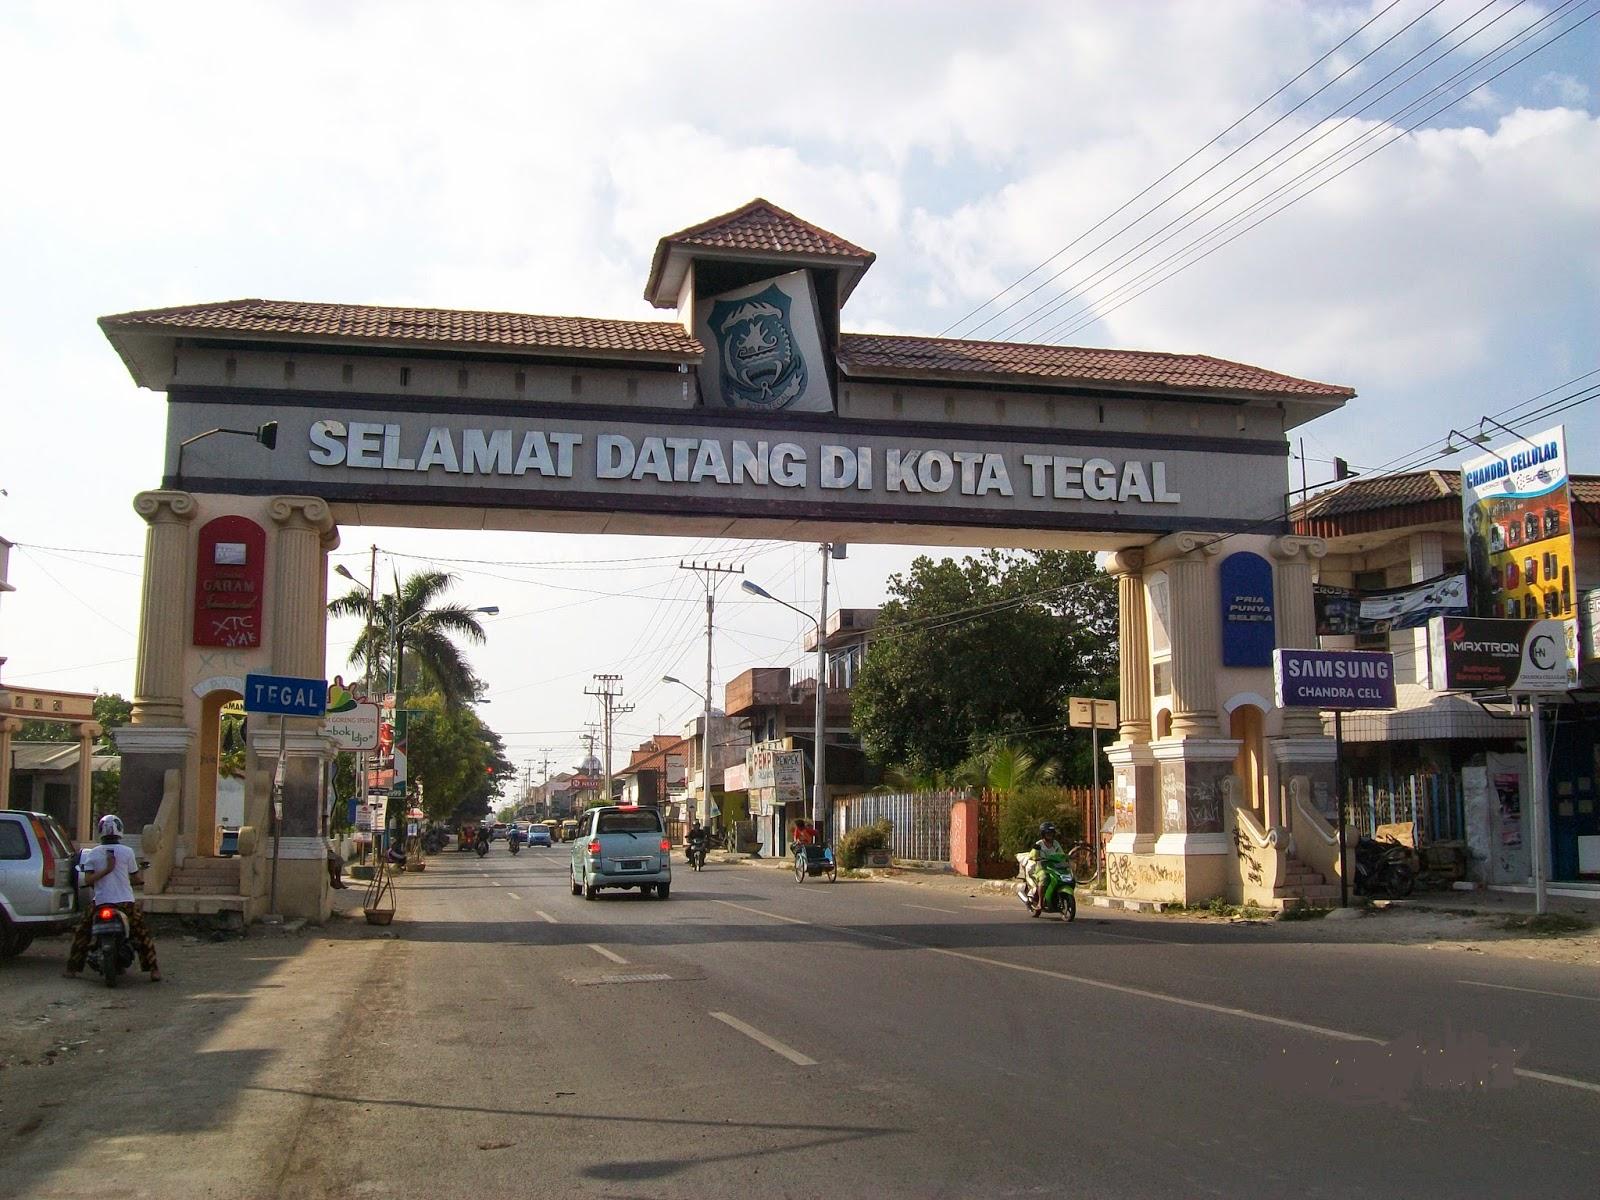 via tegalkotane.blogspot.com